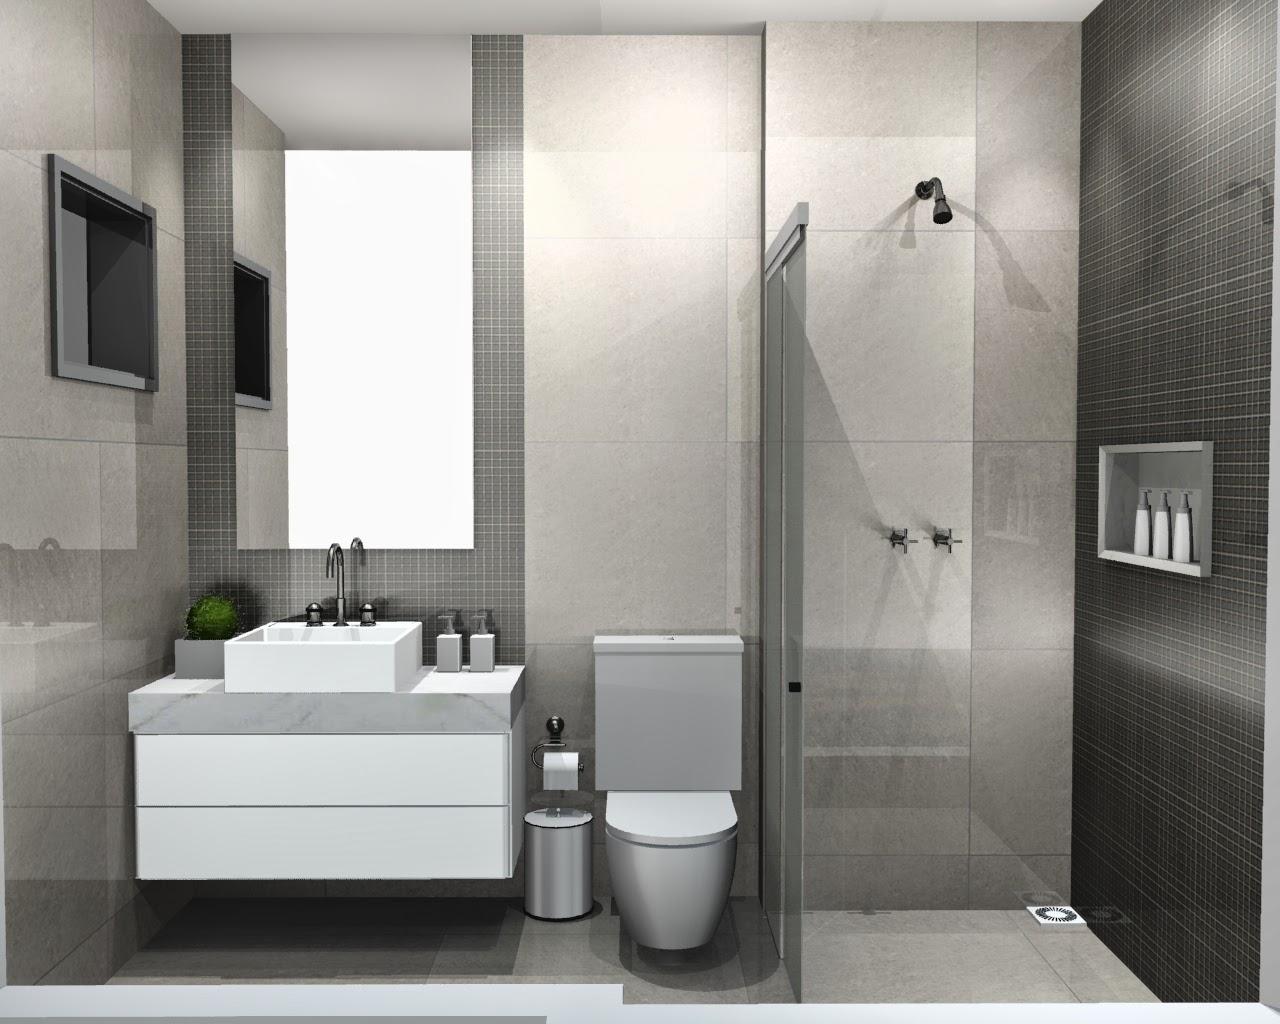 mesmo Porcelanato do piso porém com brilho Porcelanato Polido #4E573F 1280x1024 Banheiro Com Porcelanato 60x60